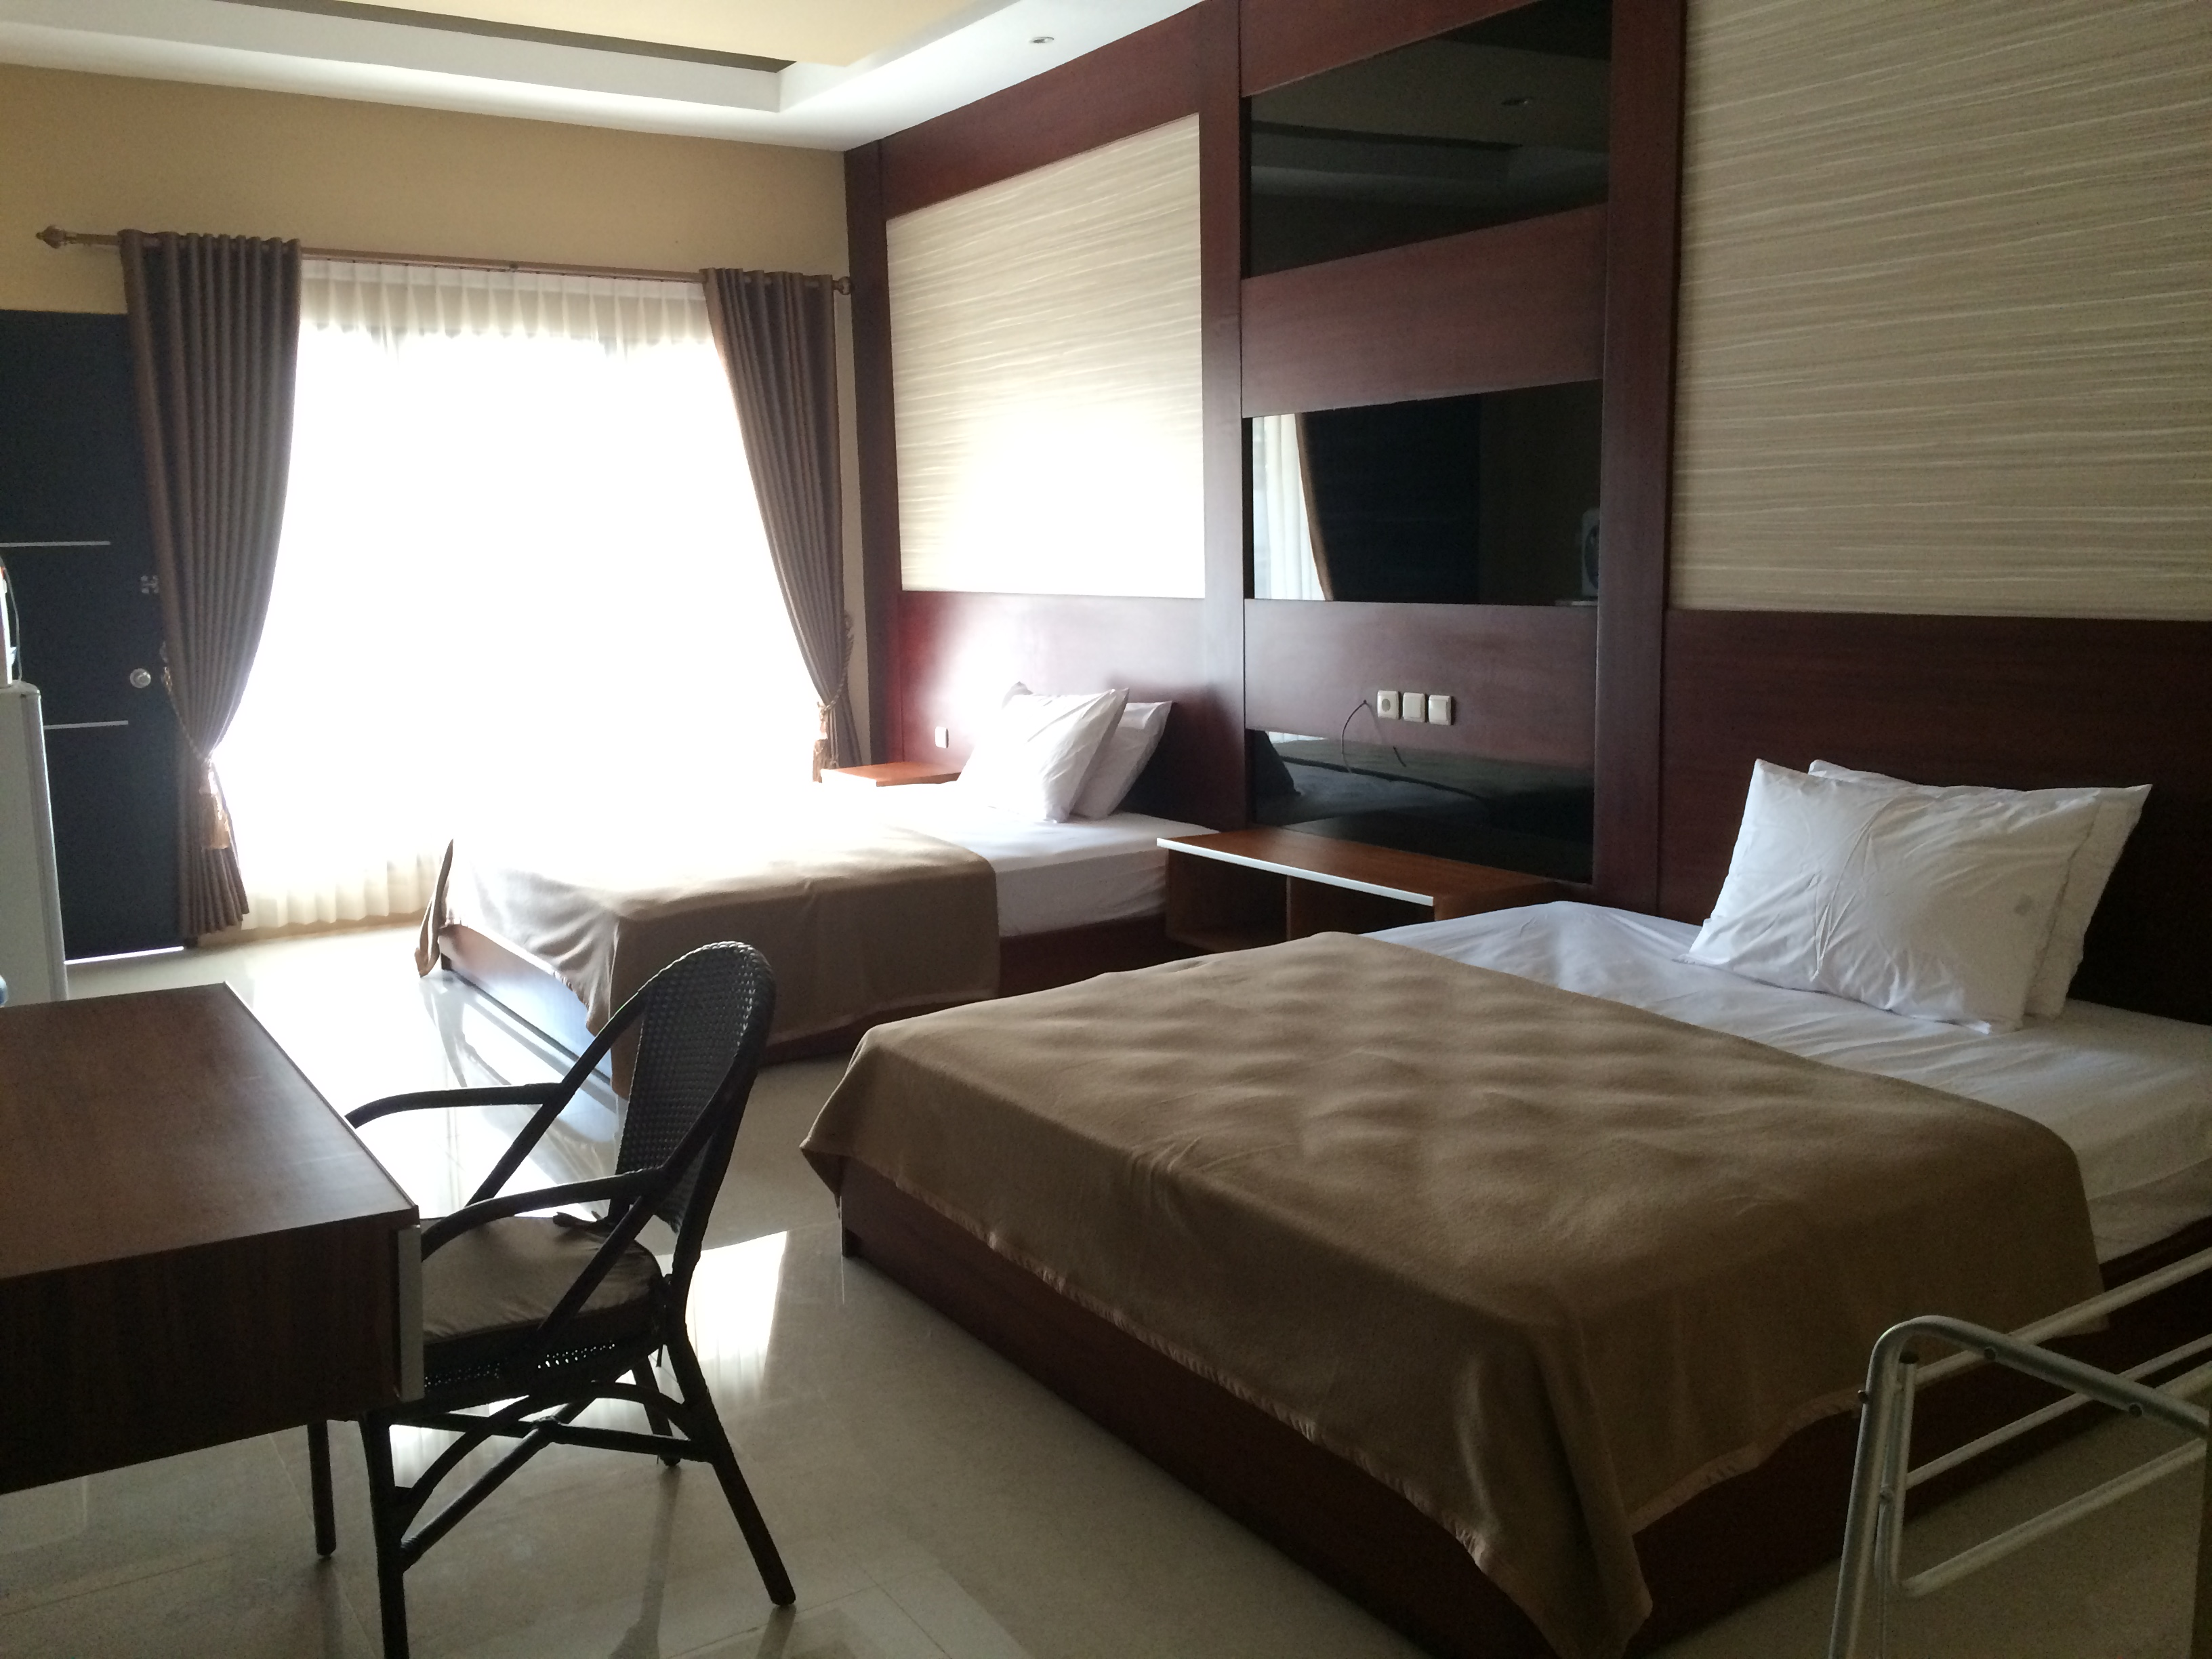 d'BILZ Hotel Family Room